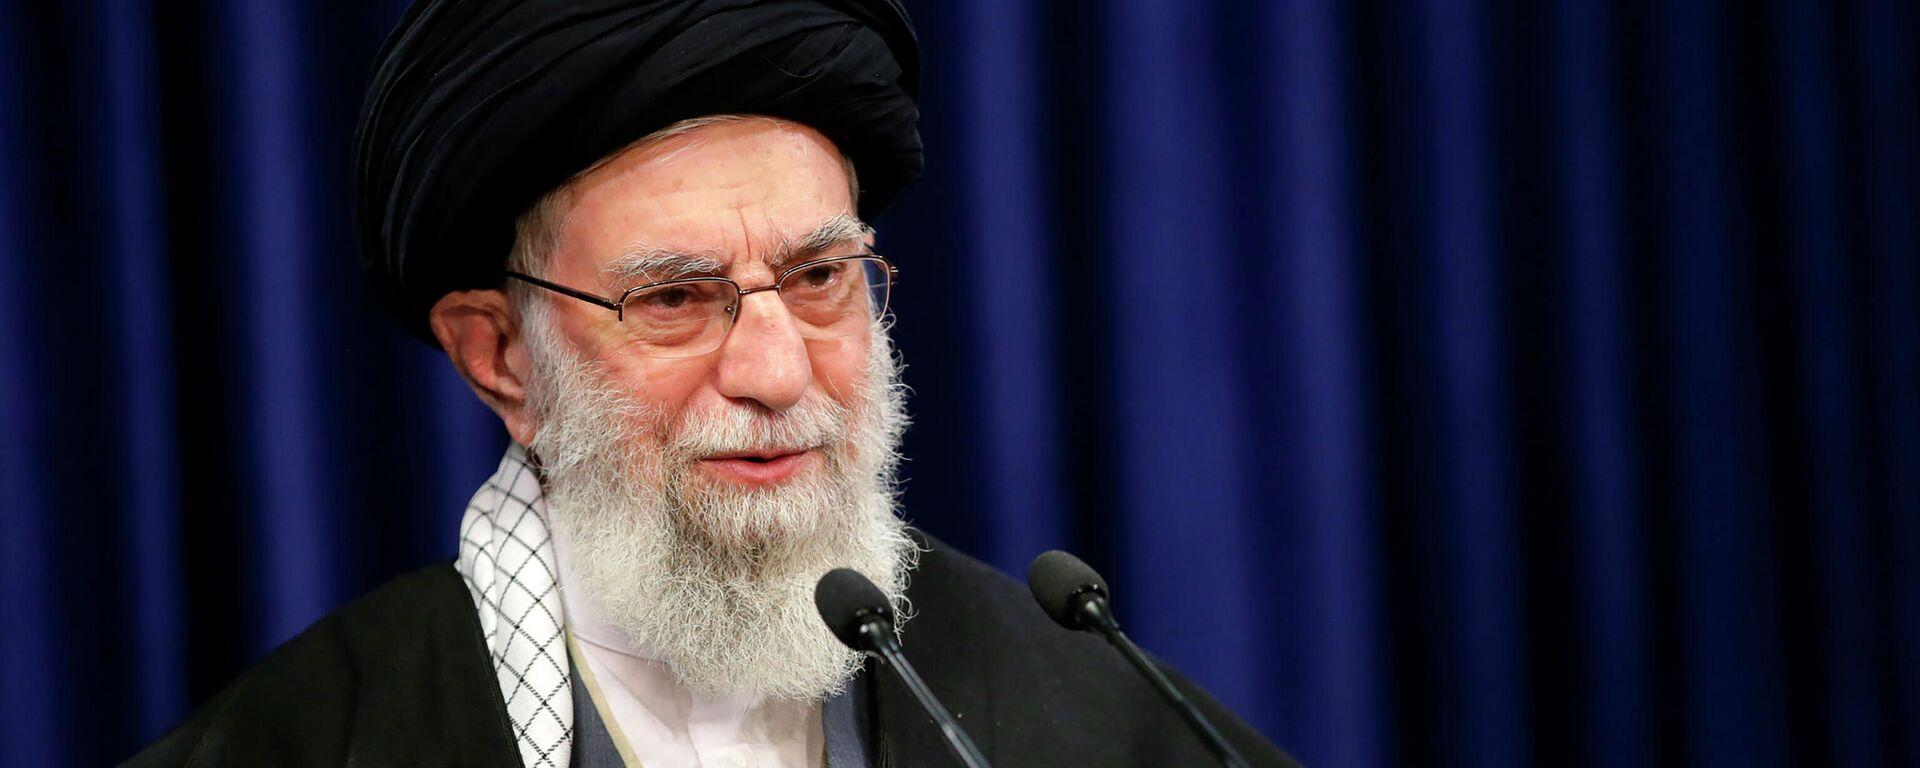 Irans oberster Führer Ajatollah Ali Chamenei  - SNA, 1920, 21.05.2021